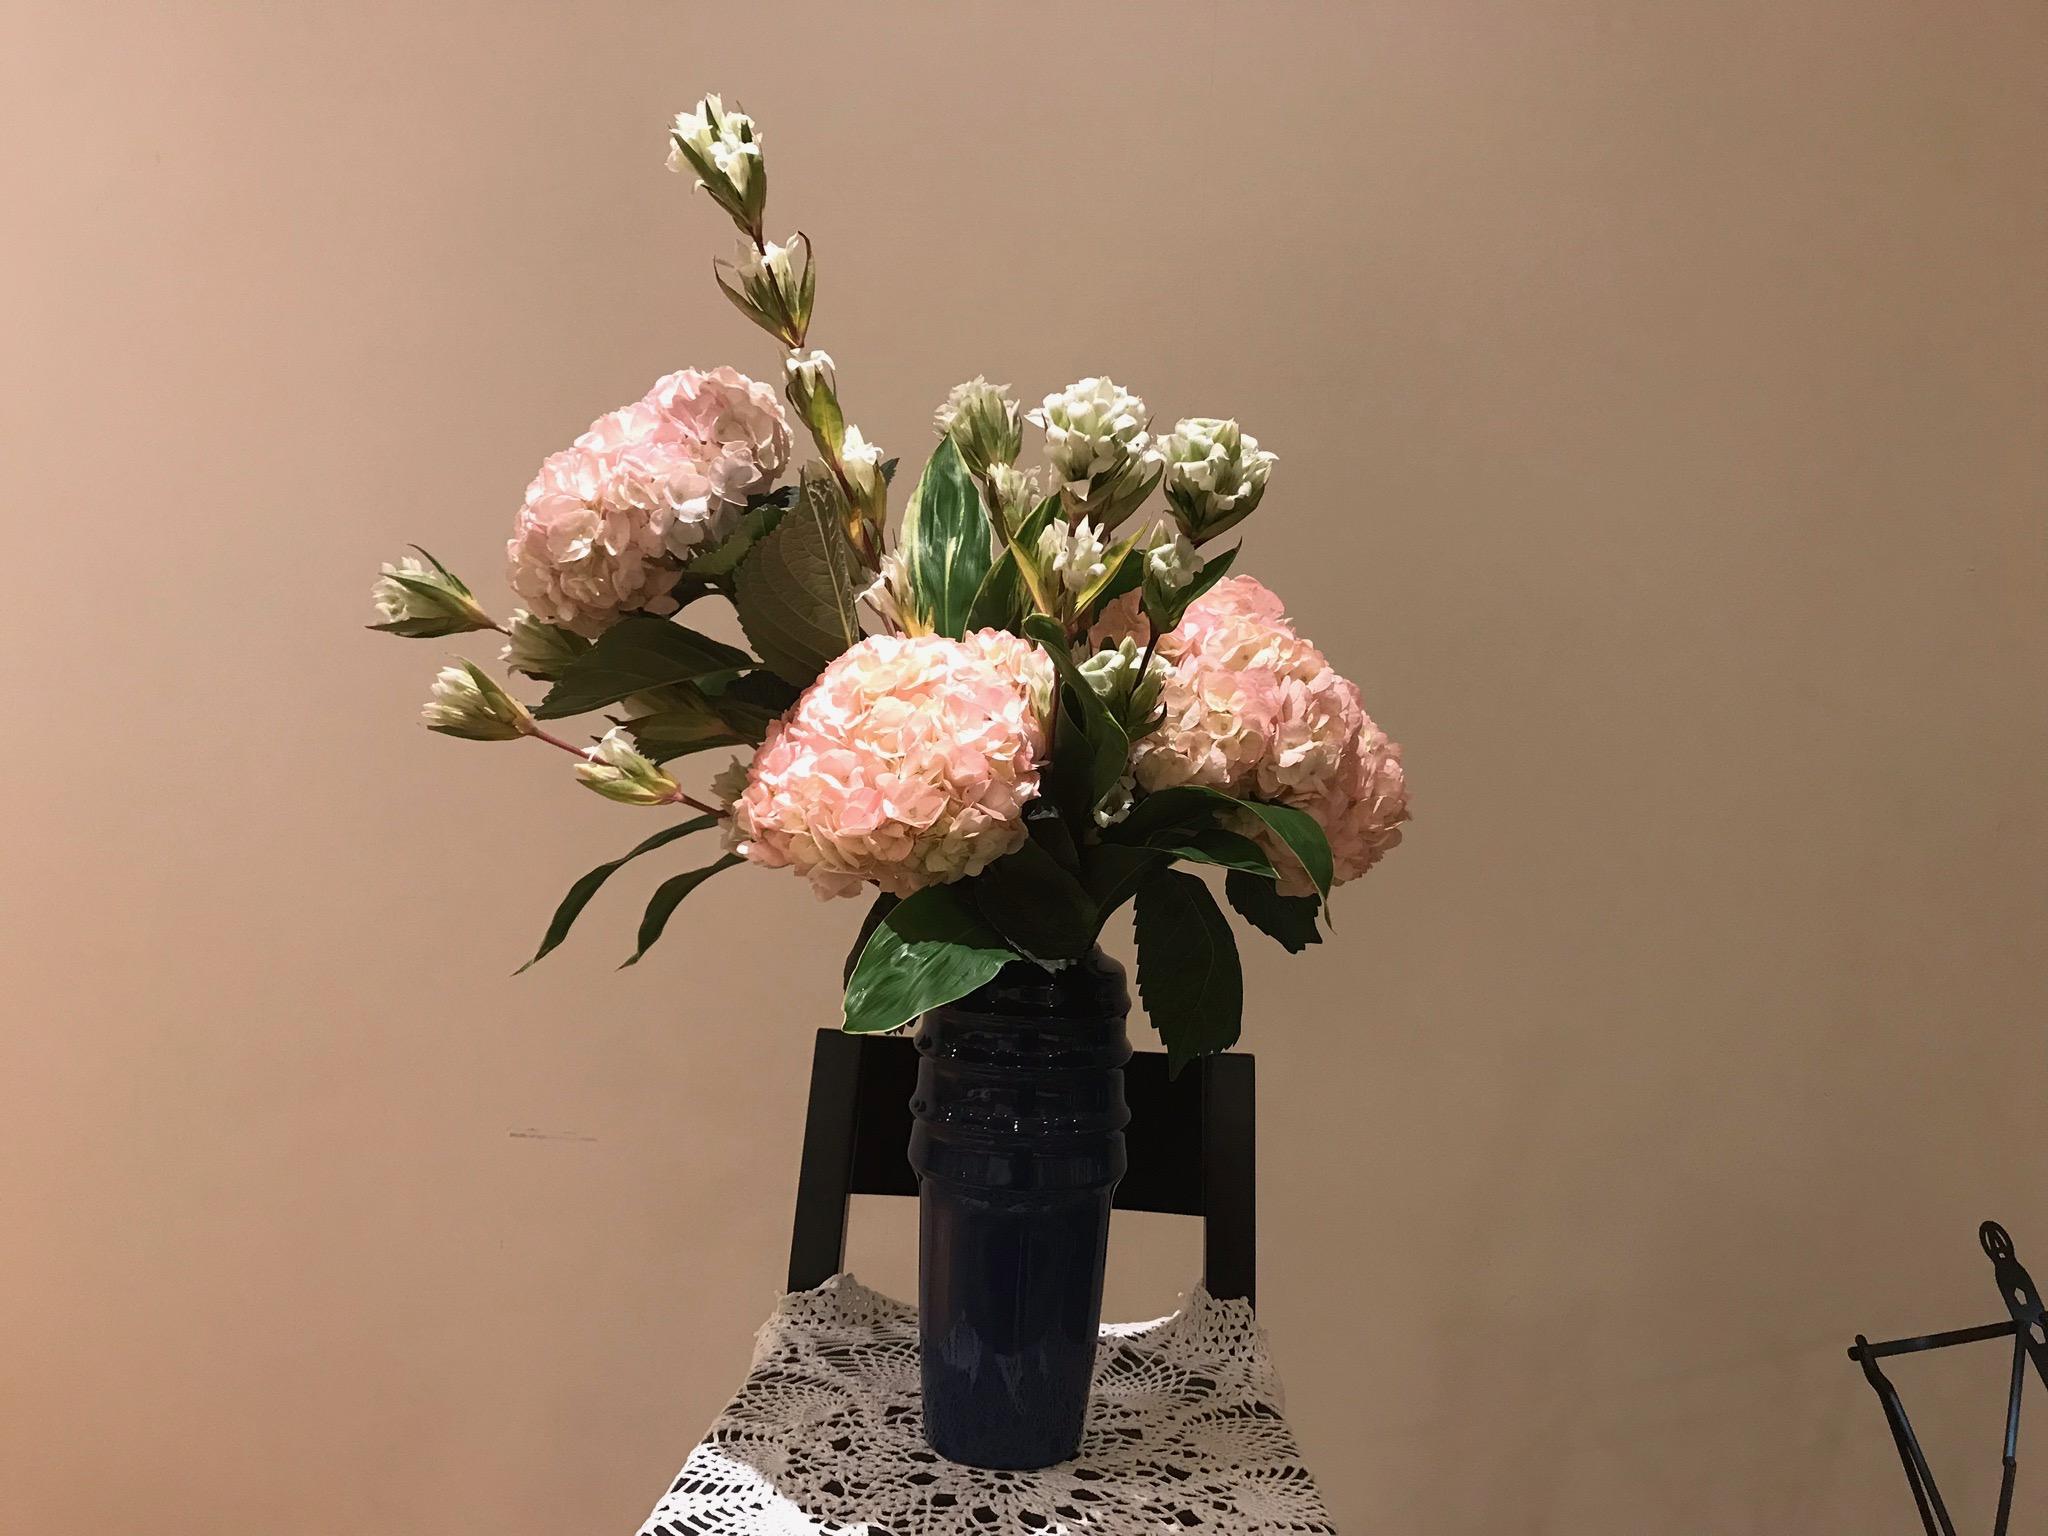 2017/10/29、聖日礼拝のお花